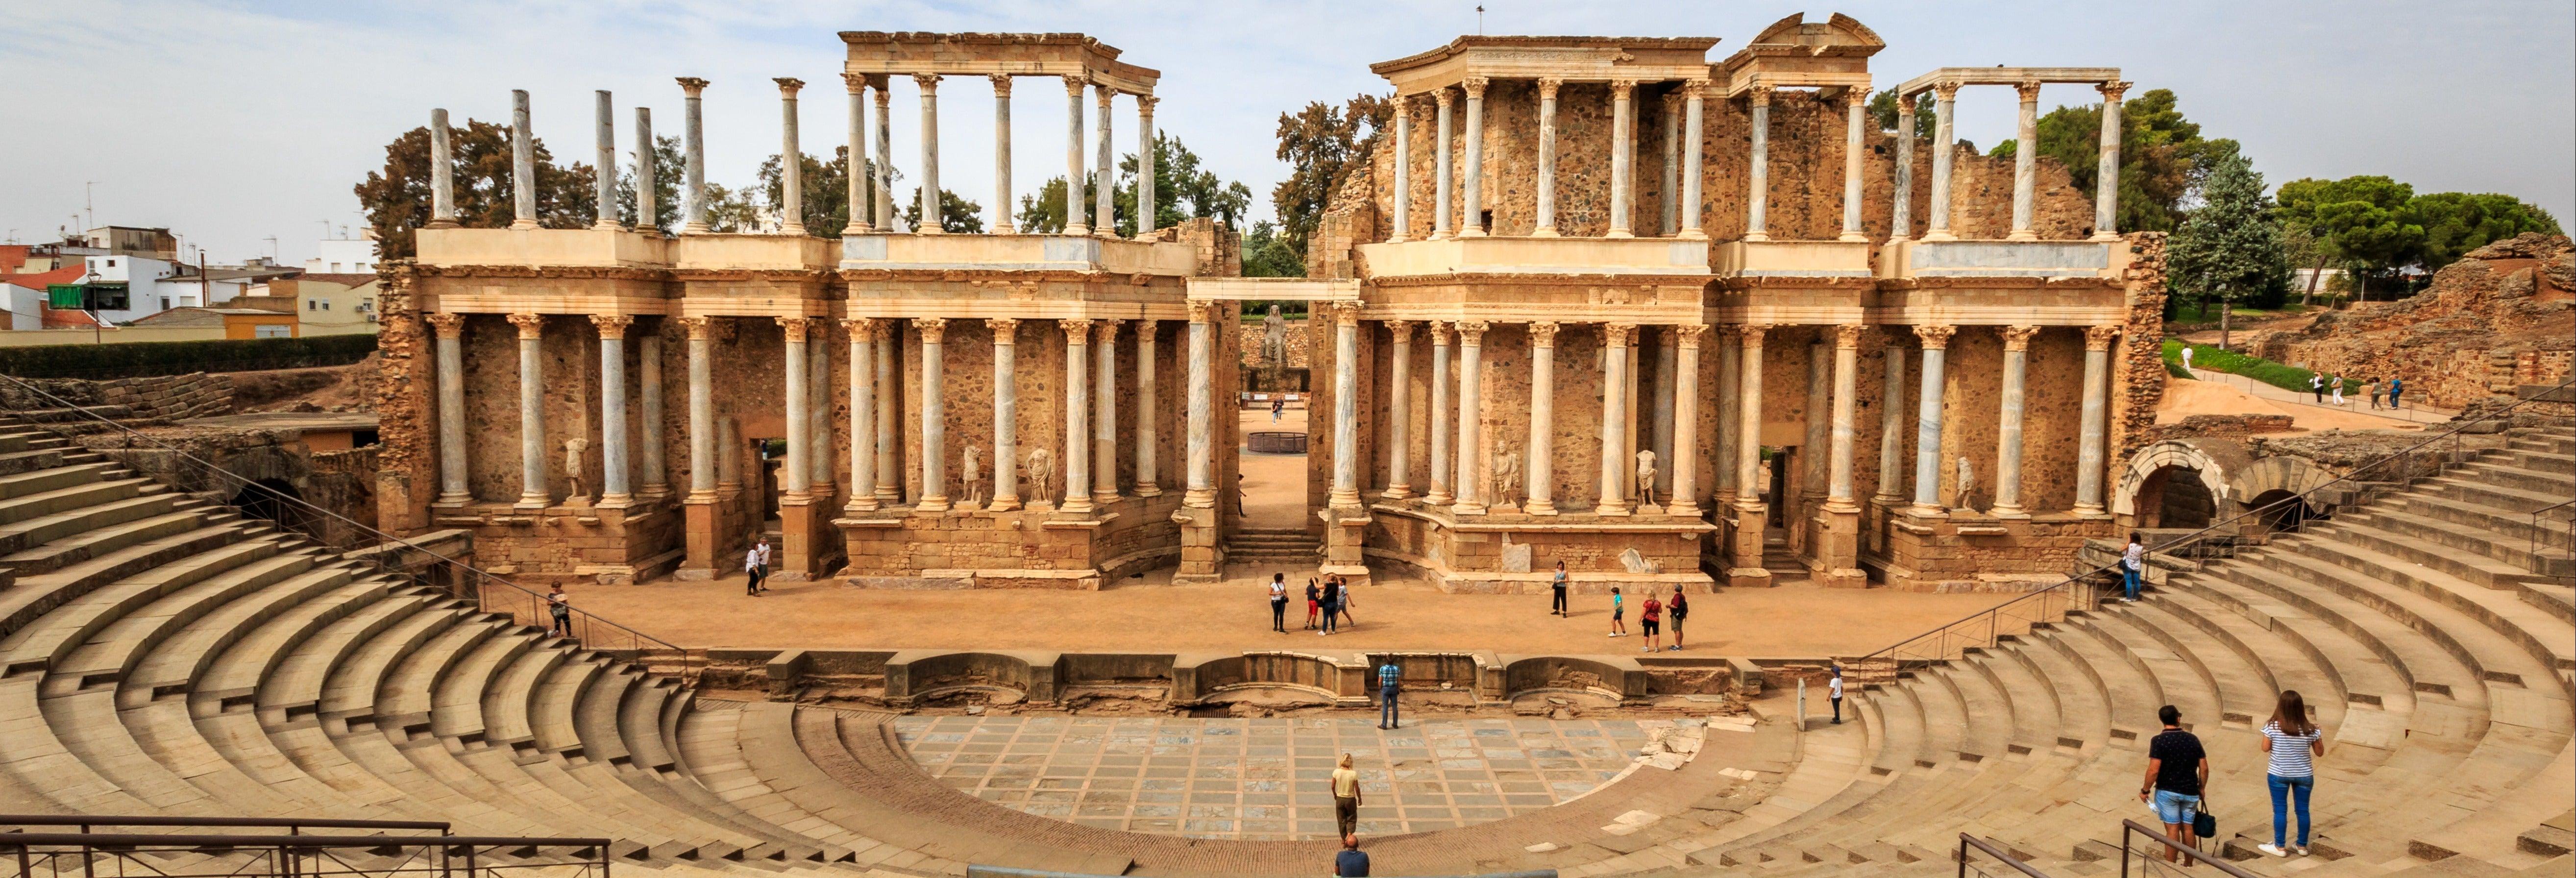 Visita guiada por el anfiteatro y teatro romano